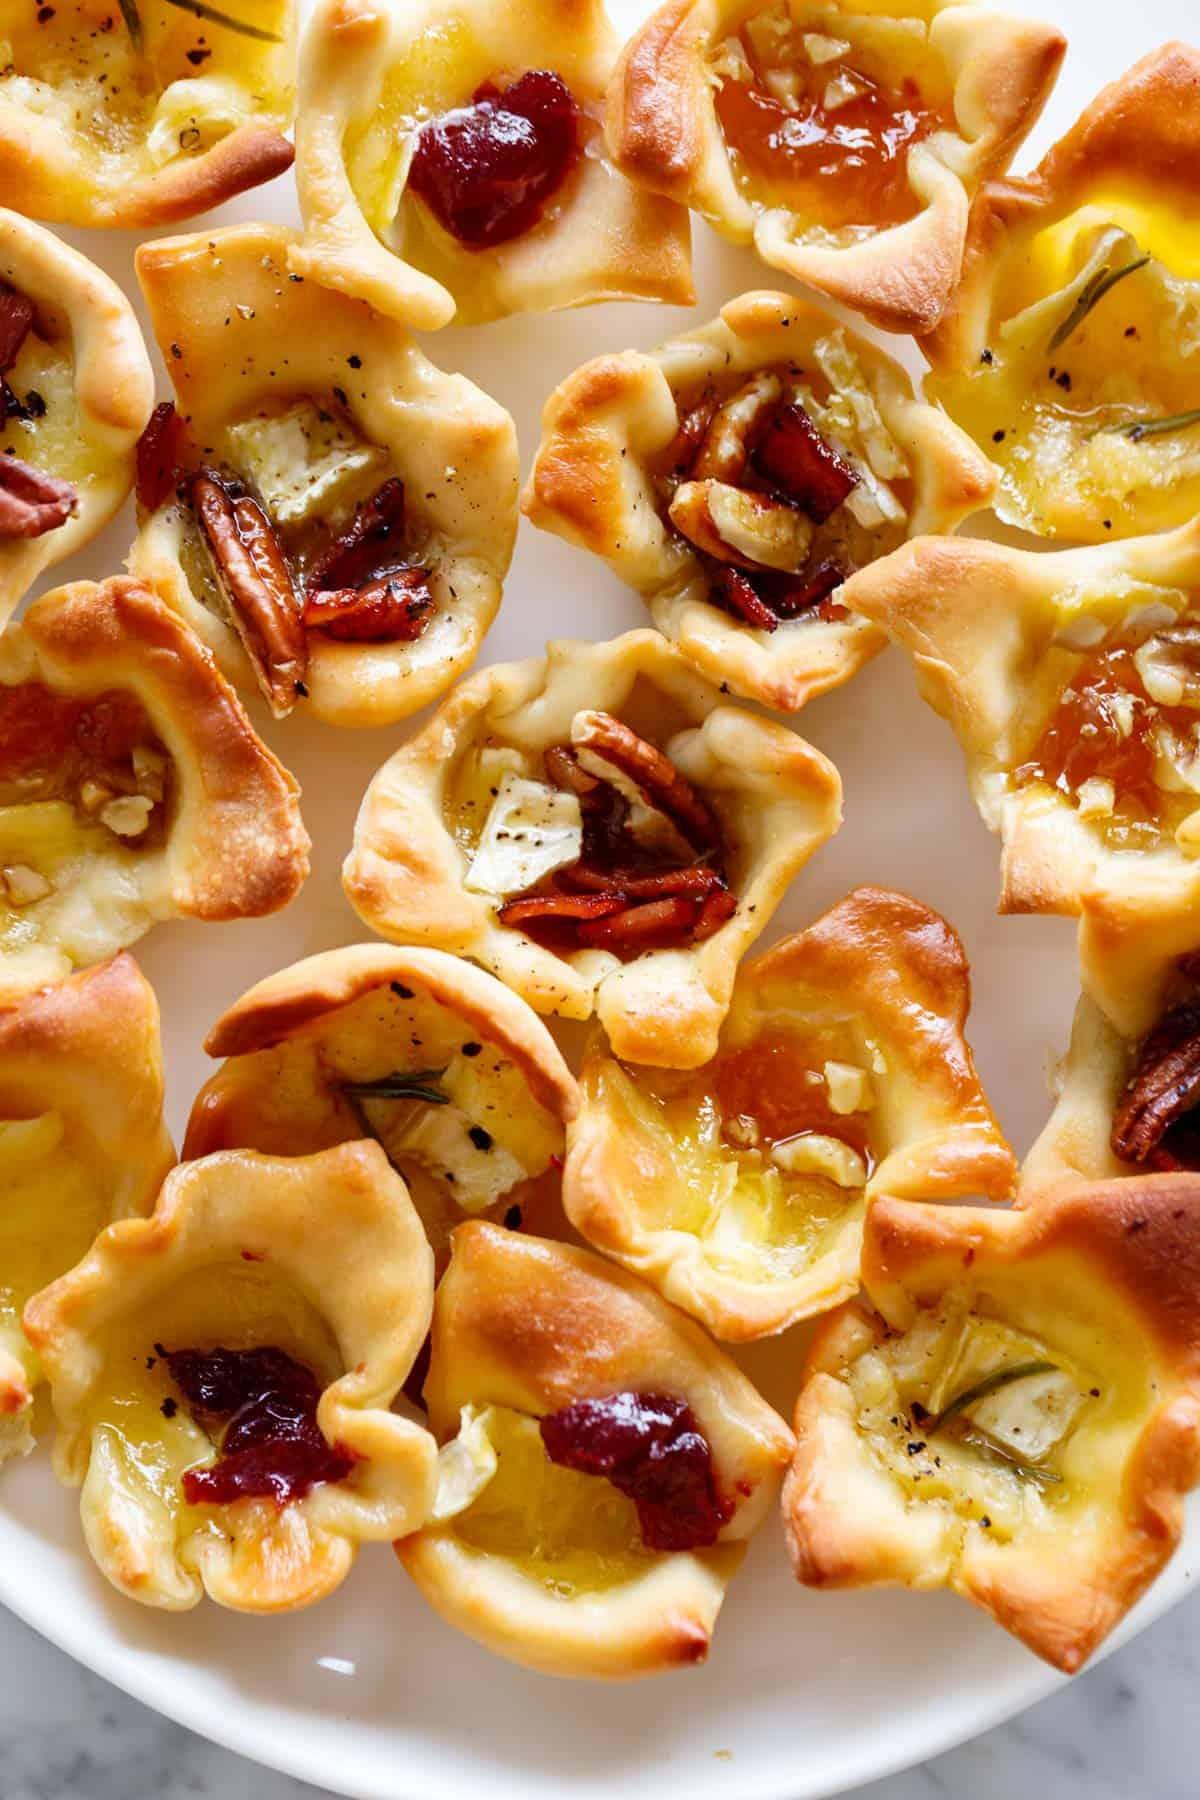 Baked Brie Bites on a platter appetizers | cafedelites.com